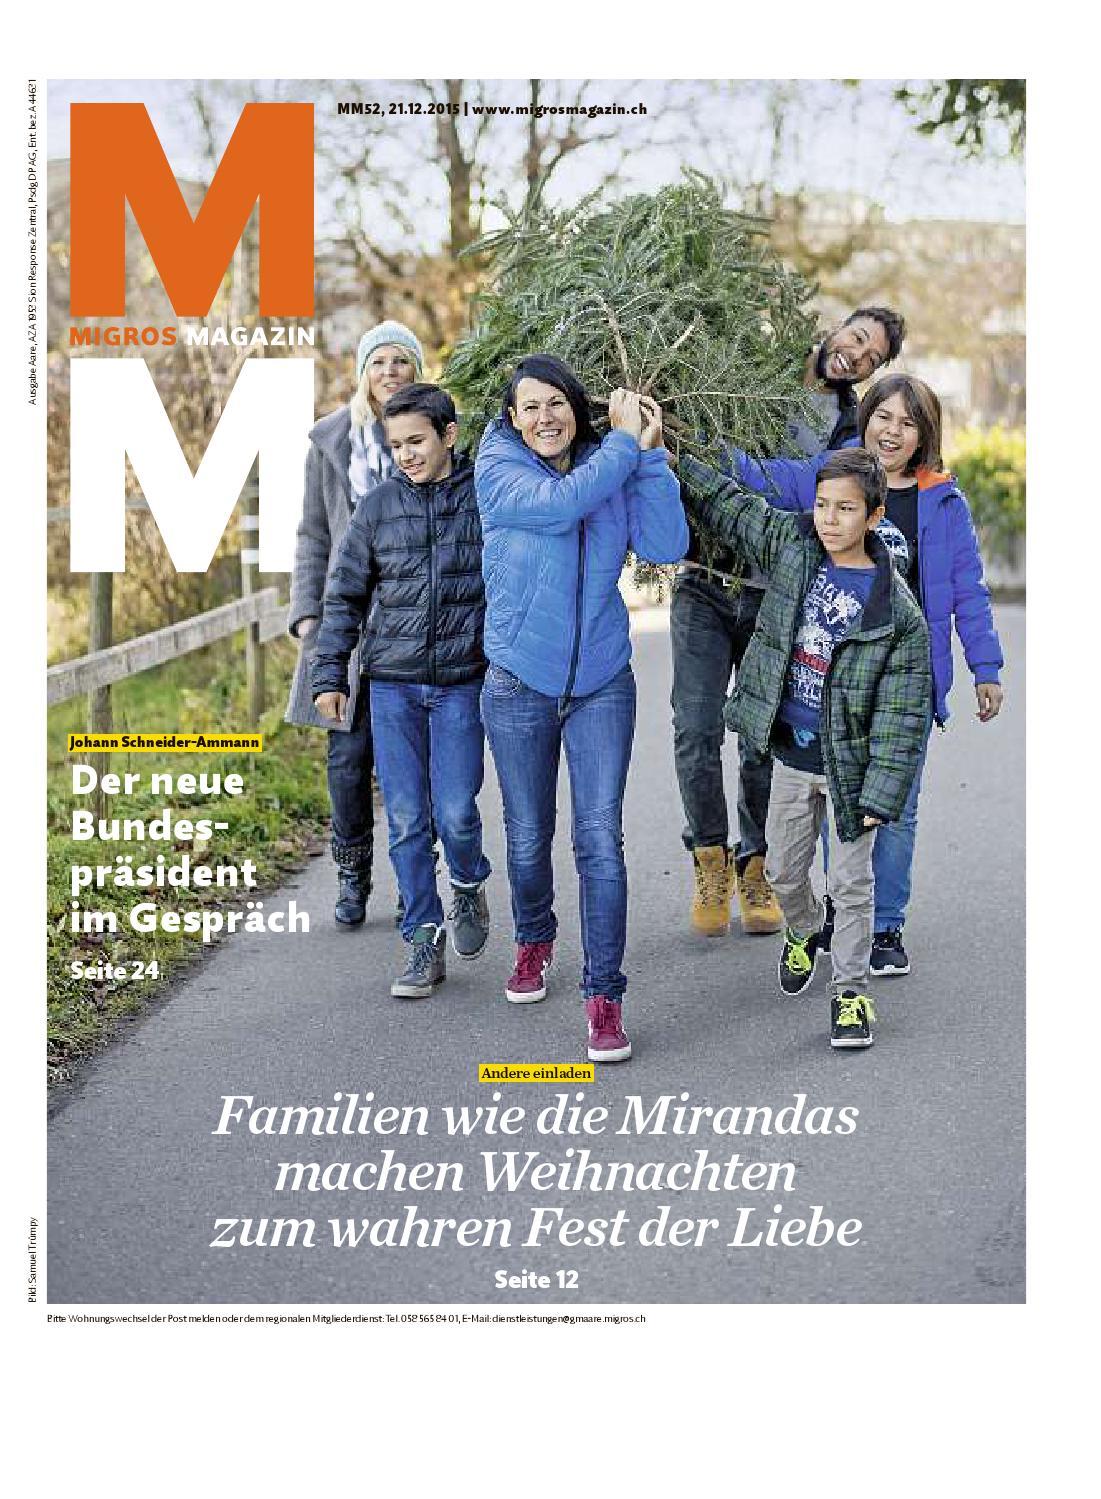 Migros Magazin 52 2015 D Aa By Migros Genossenschafts Bund Issuu